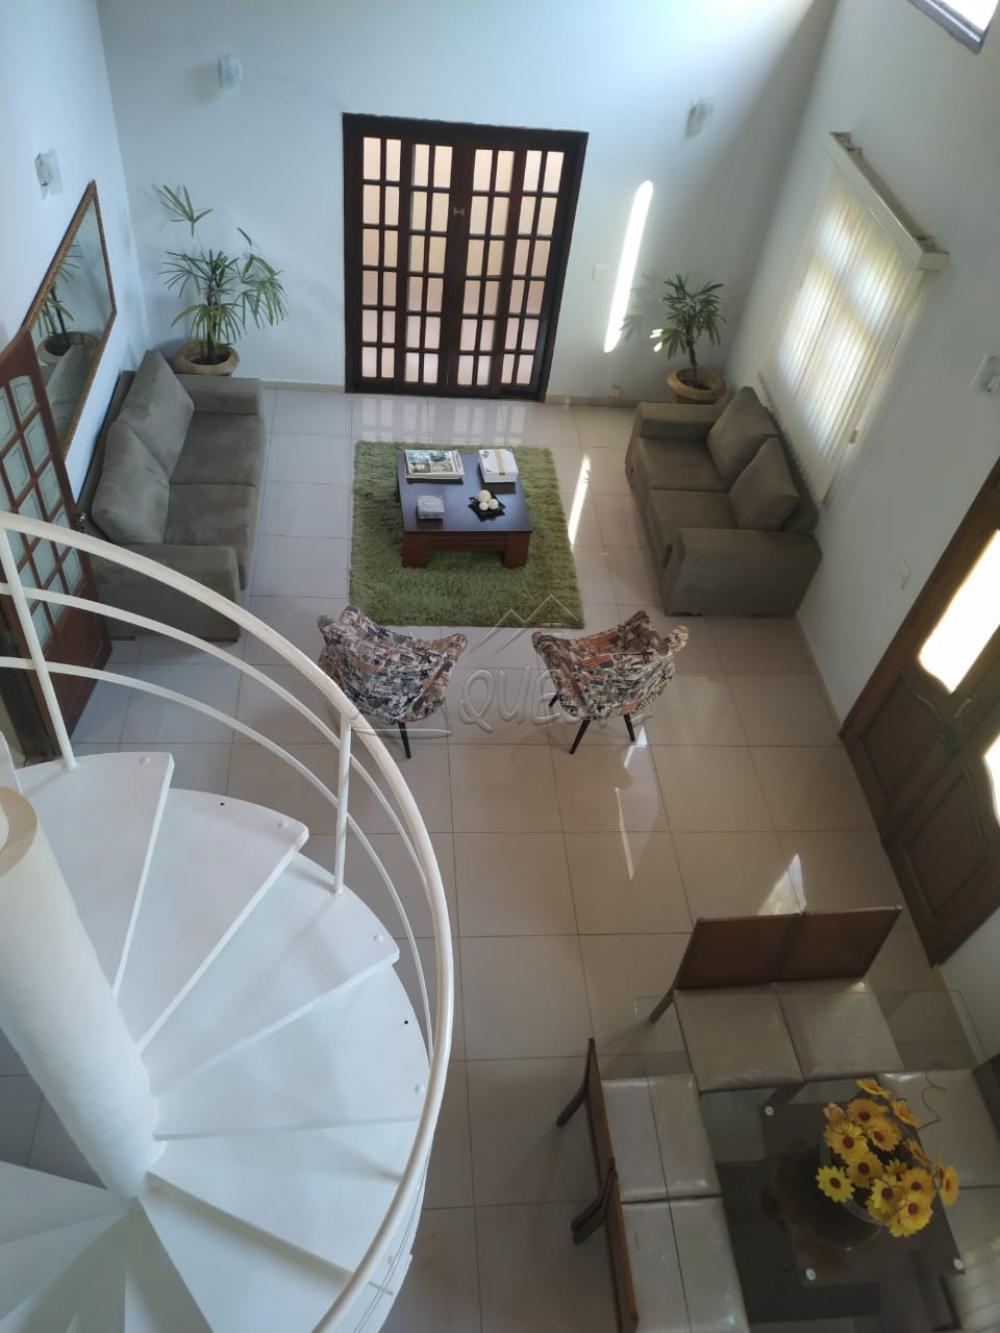 Comprar Casa / Padrão em Barretos apenas R$ 770.000,00 - Foto 6